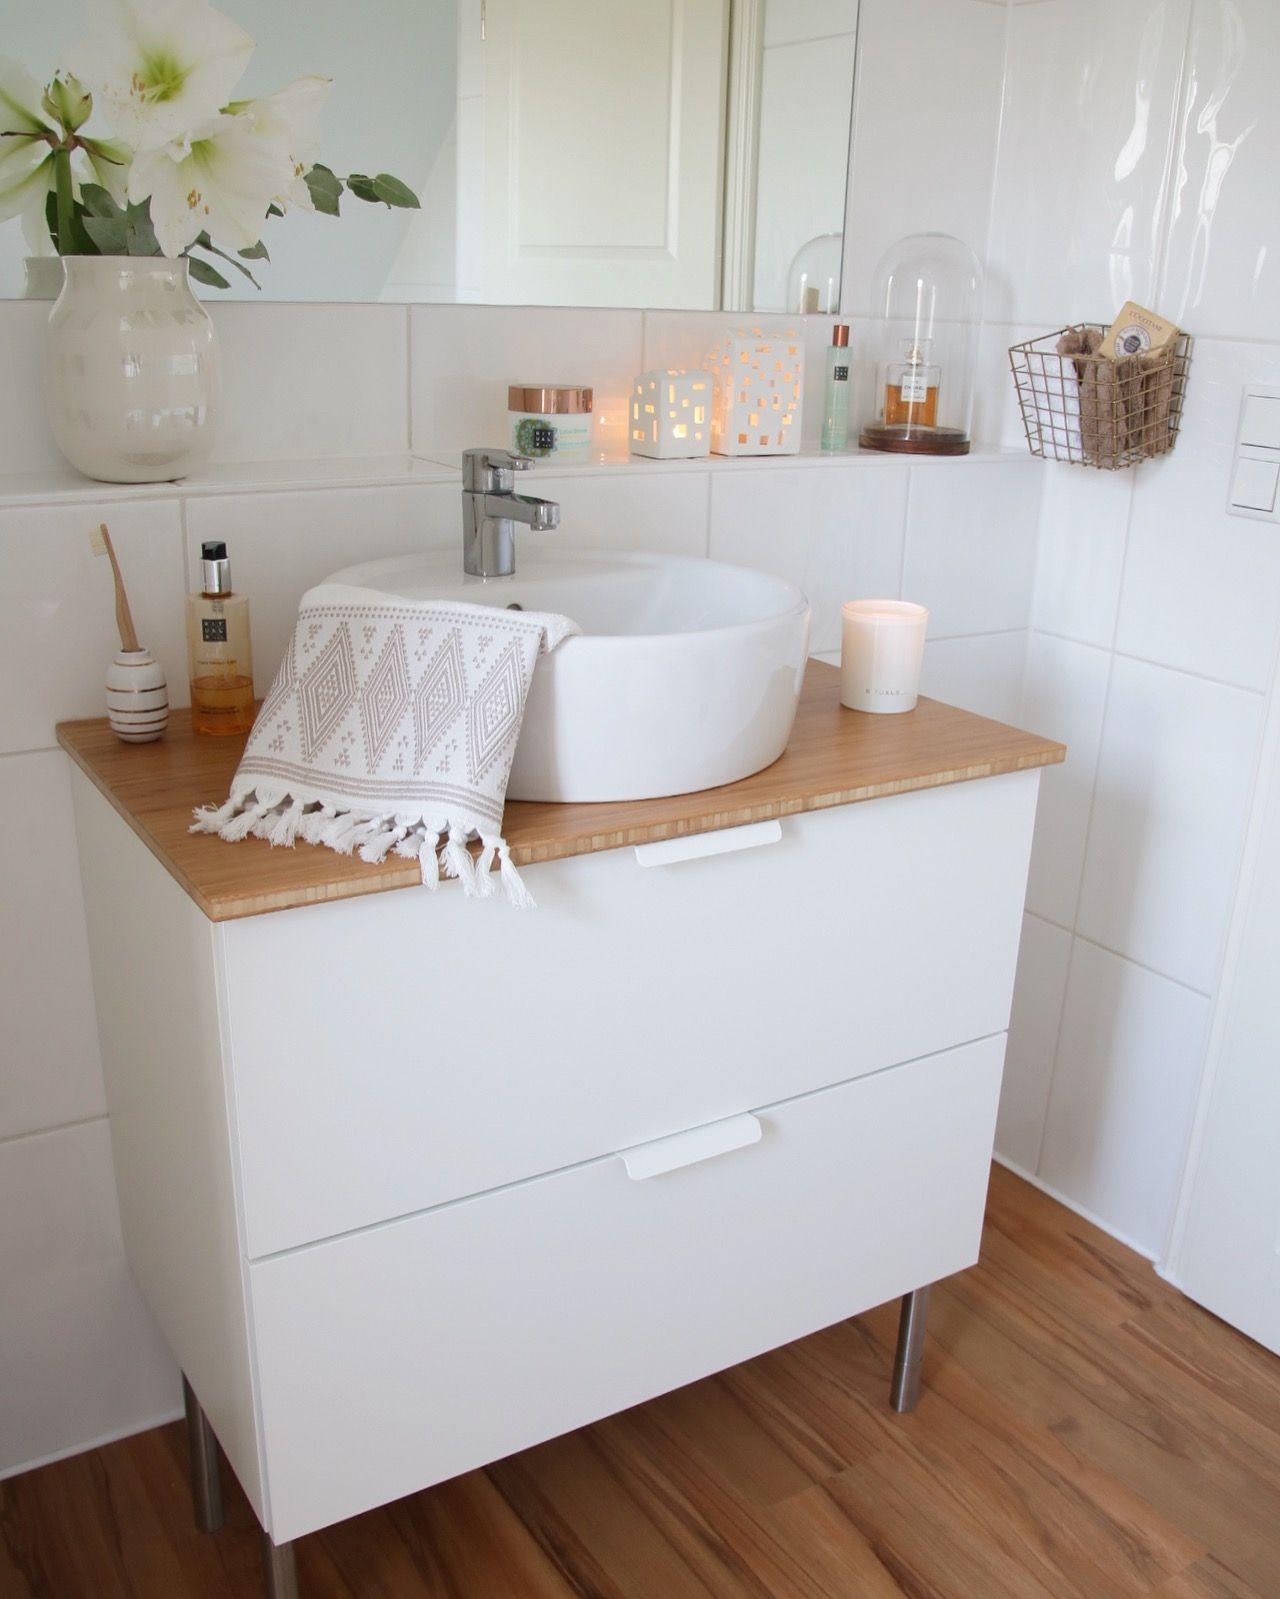 vor wenigen wochen wurde unser badezimmer teilweise renoviert. heute